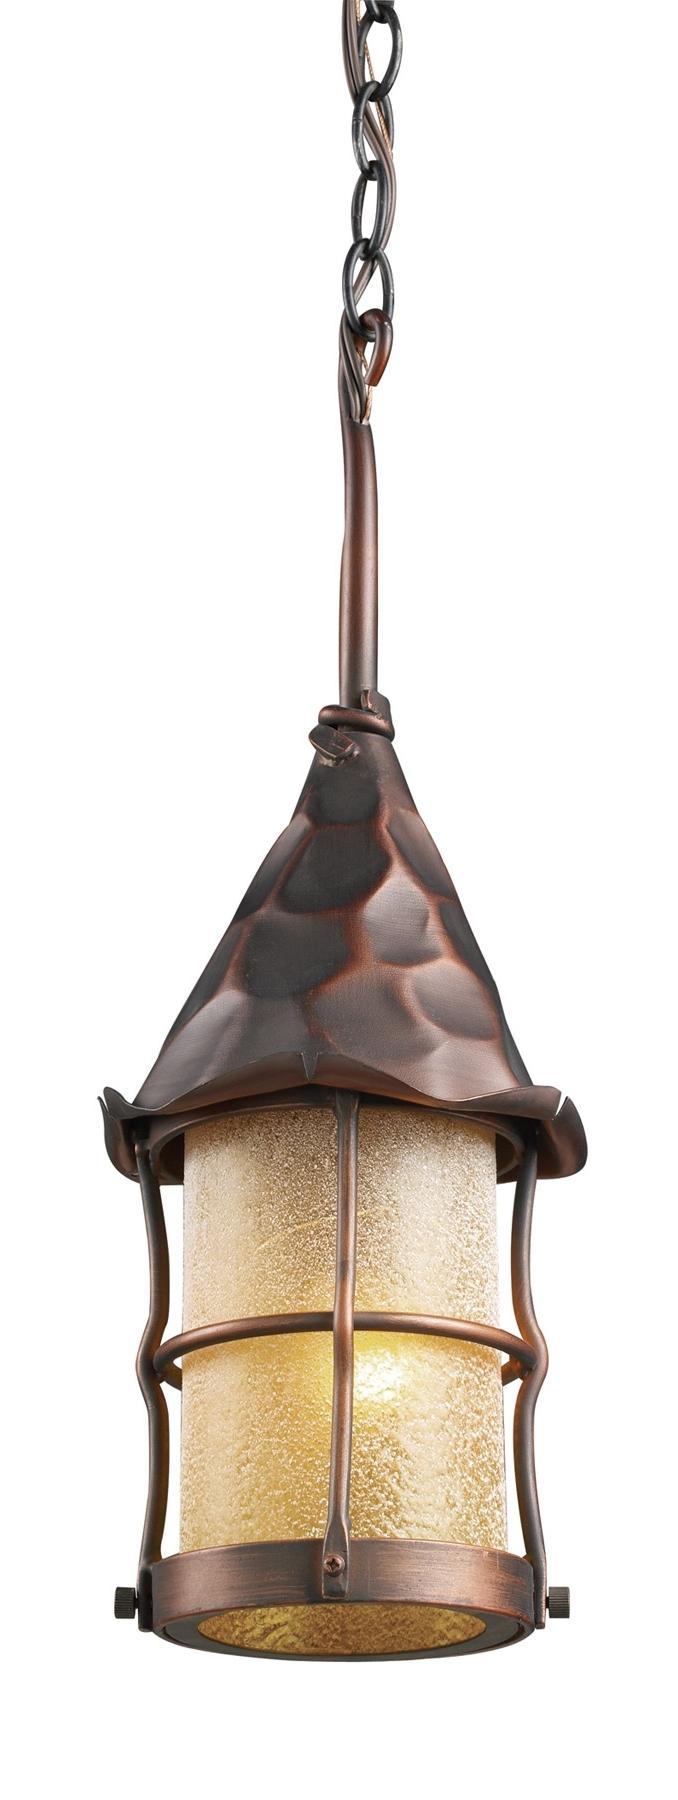 Trendy Rustic Outdoor Hanging Lights In Lighting 388 Ac Rustica Outdoor Hanging Lantern (View 1 of 20)